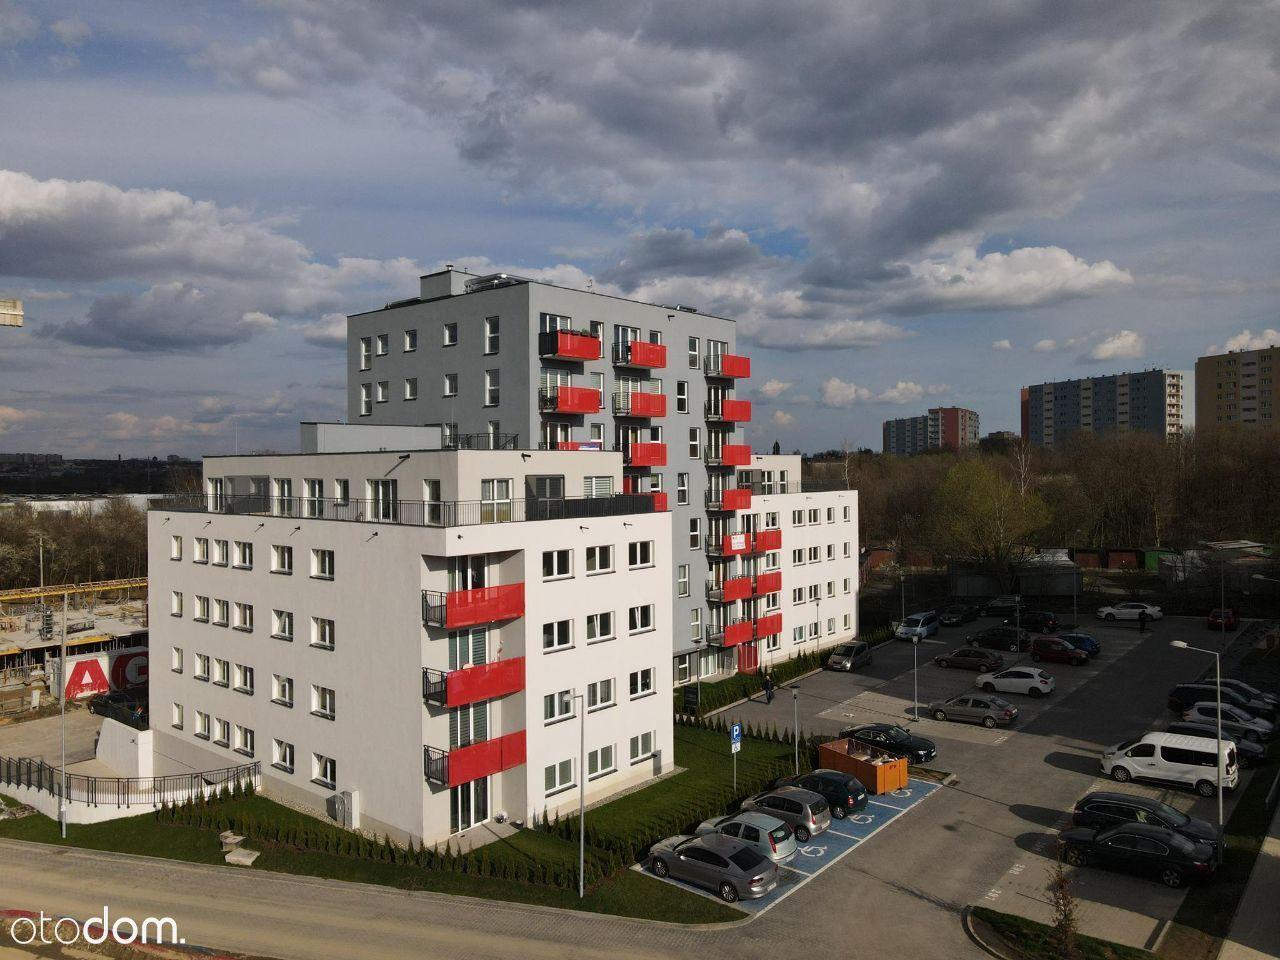 Apartament 33m2, 2 pokoje, Bez Prowizji, 0% PCC!